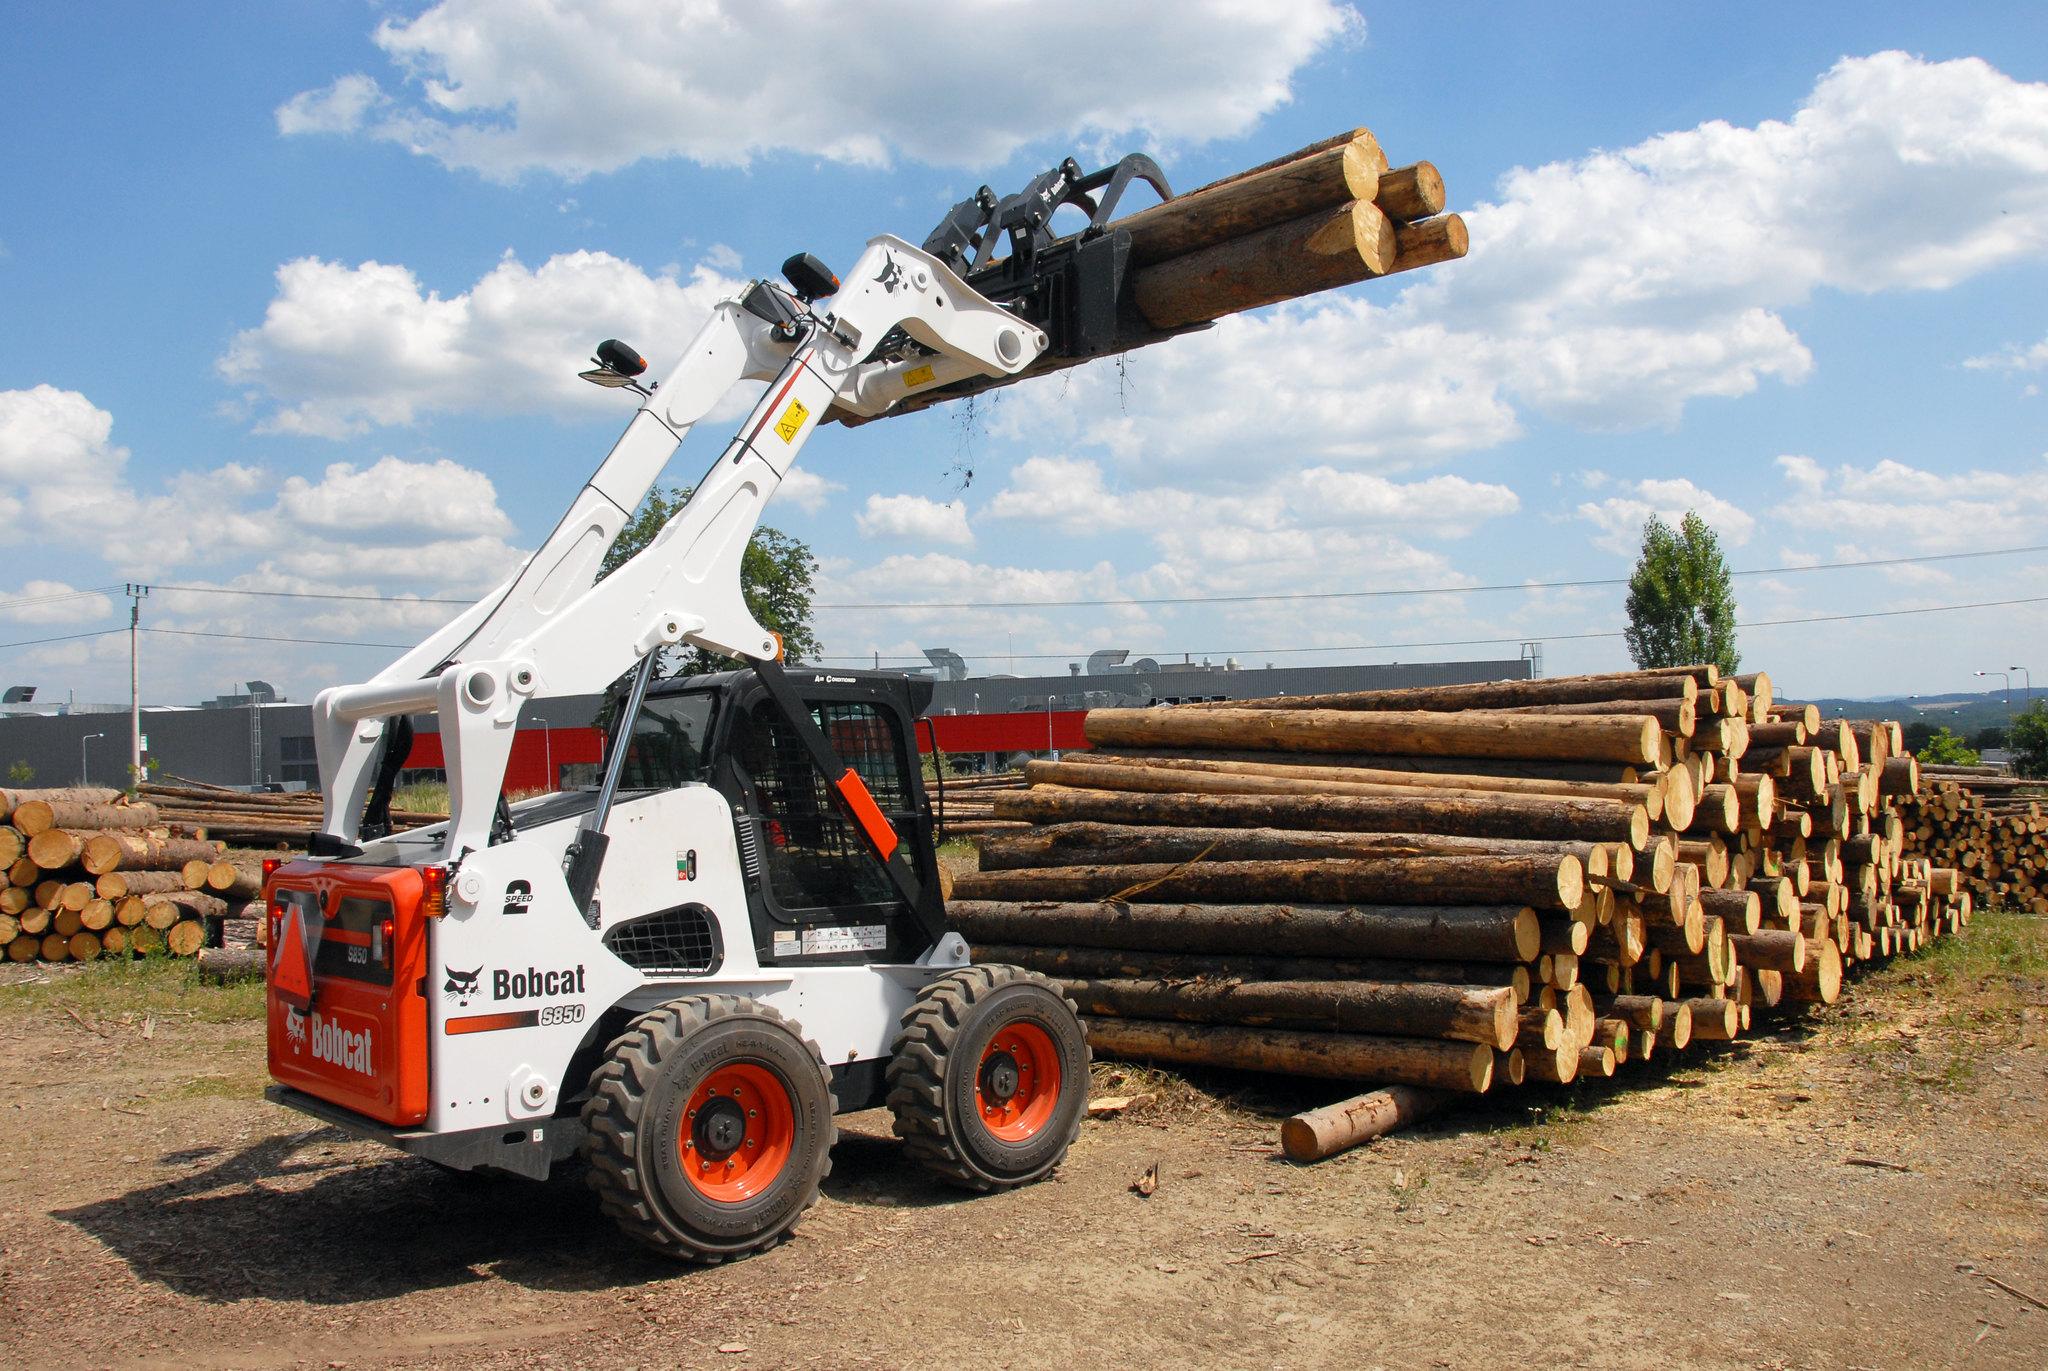 Bobcat s850 справится и с погрузкой круглого леса